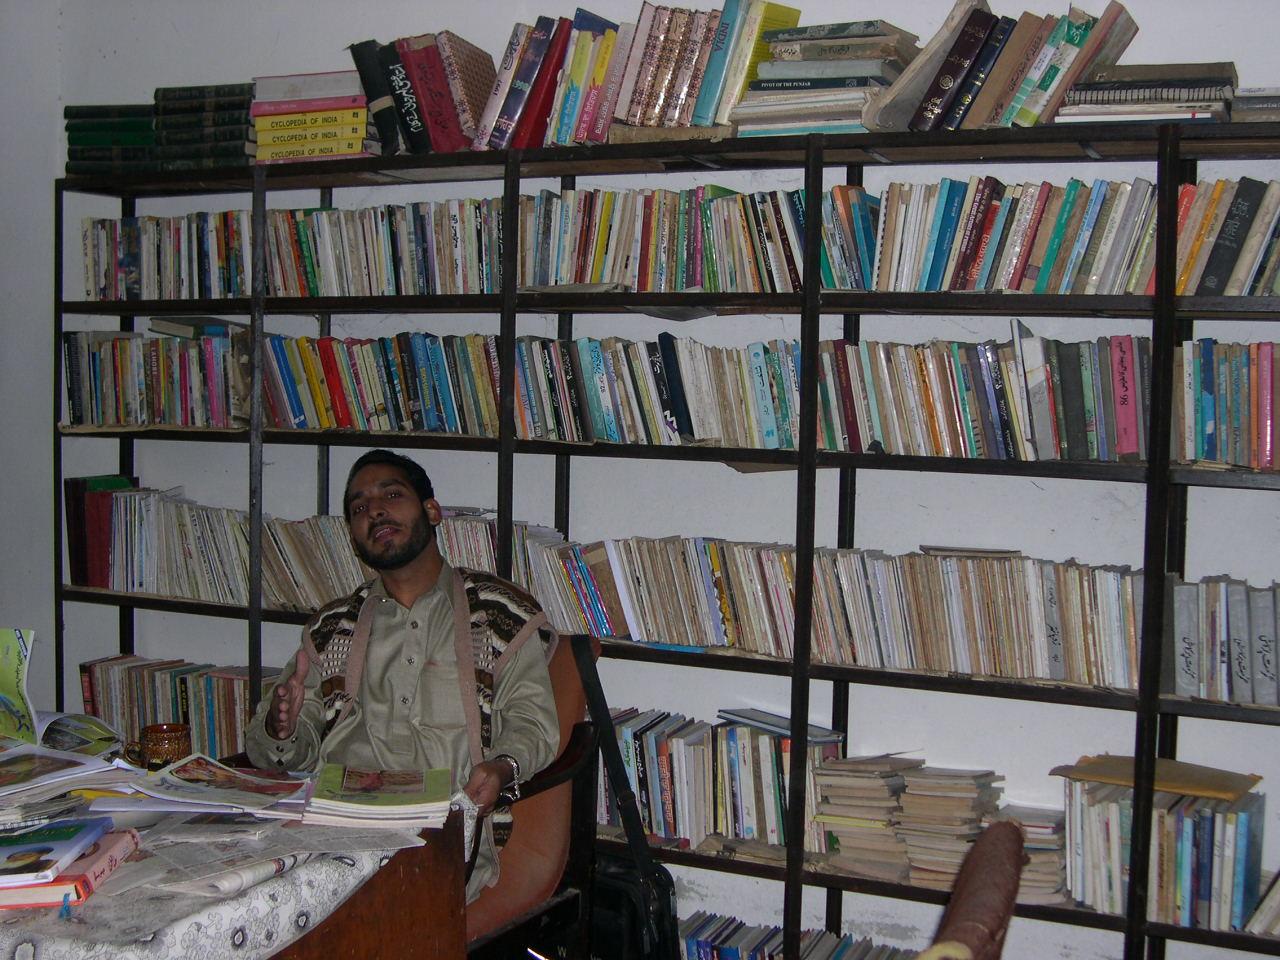 Library at Khojgarh